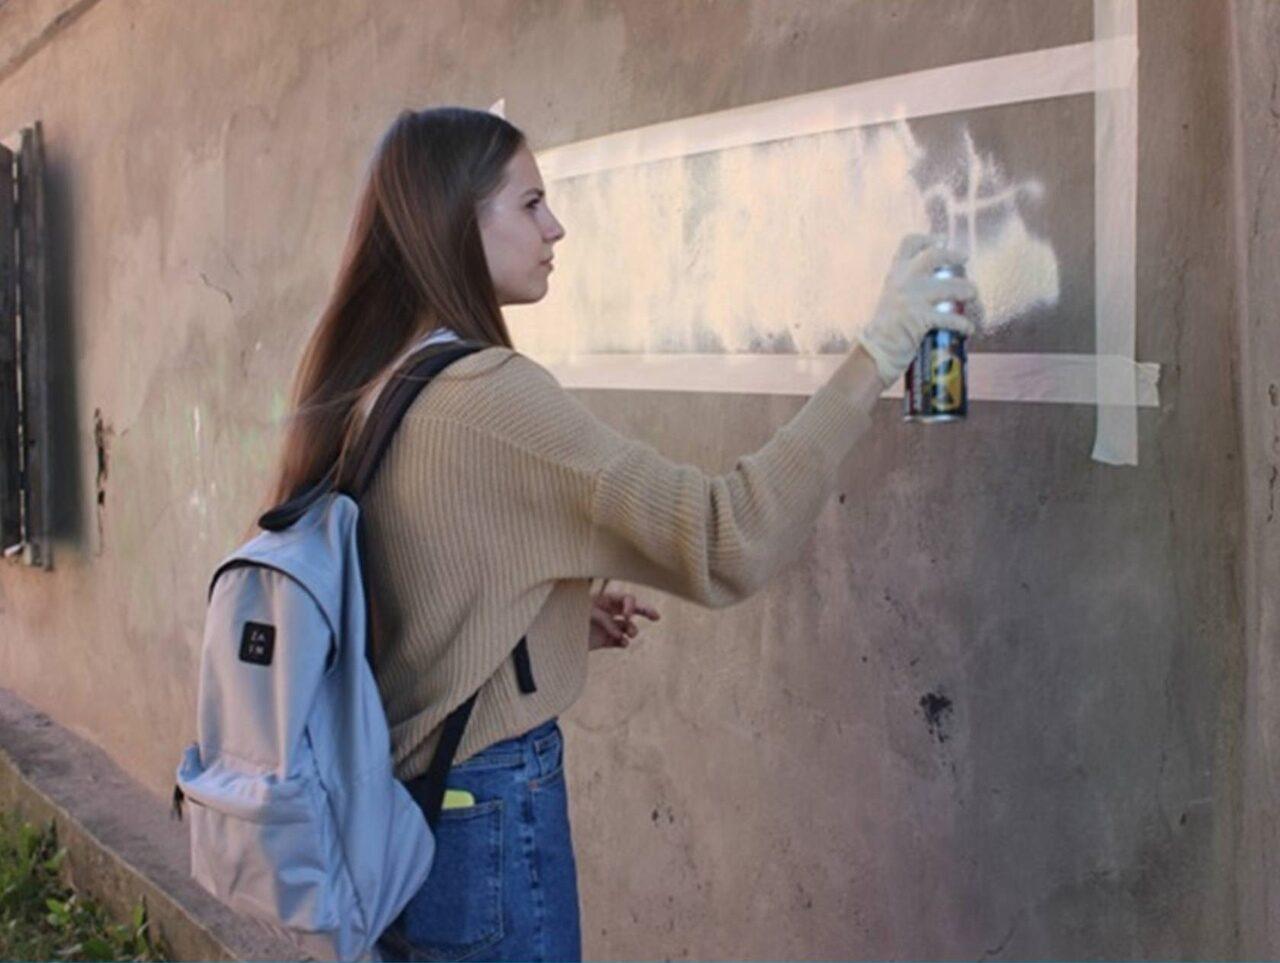 В Таганроге прошла молодежная акция «Антиреклама»